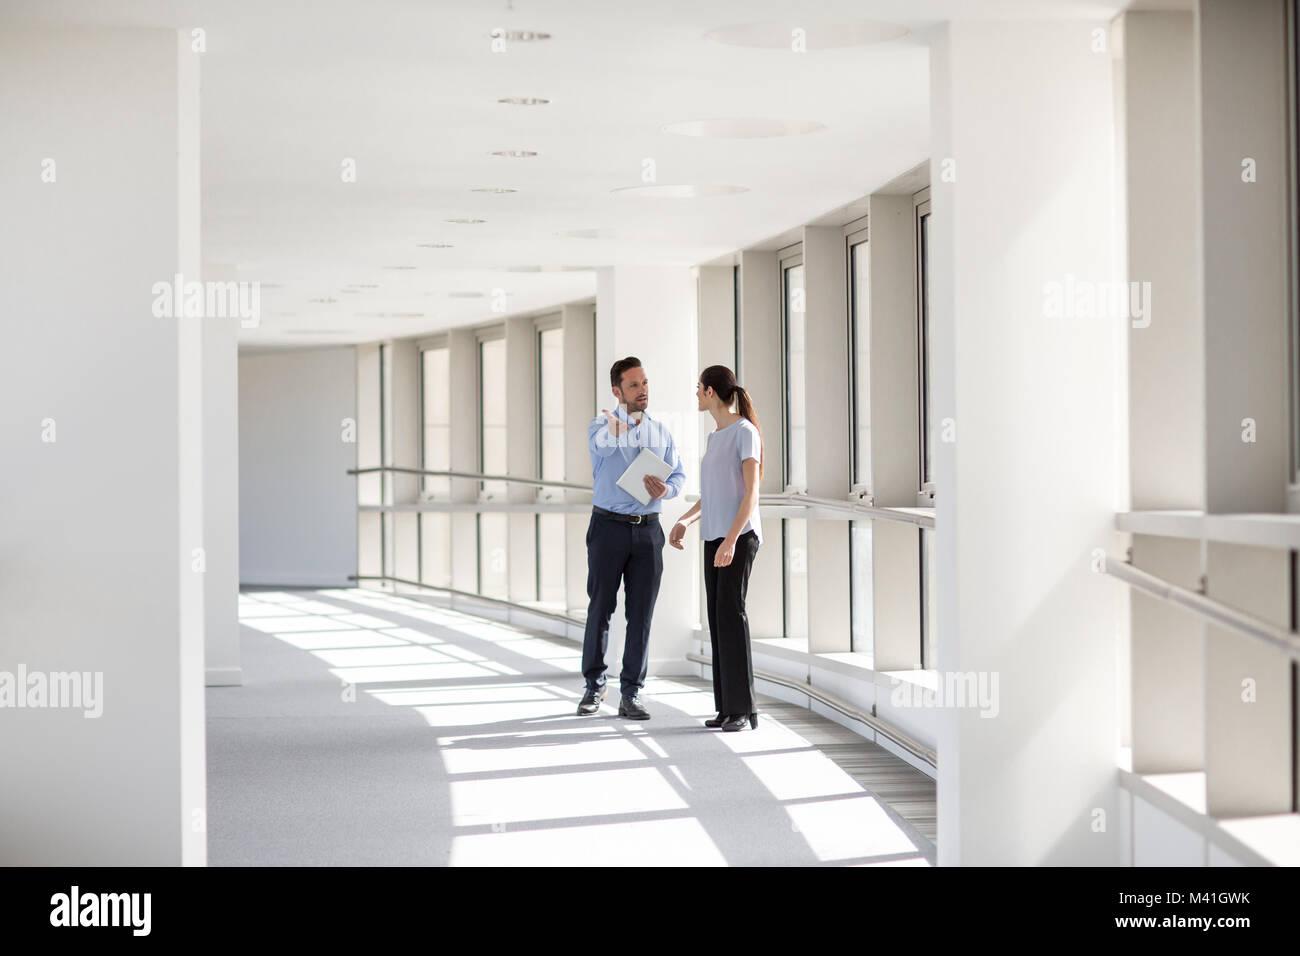 Businessman accueil des nouveaux employé de bureau Photo Stock